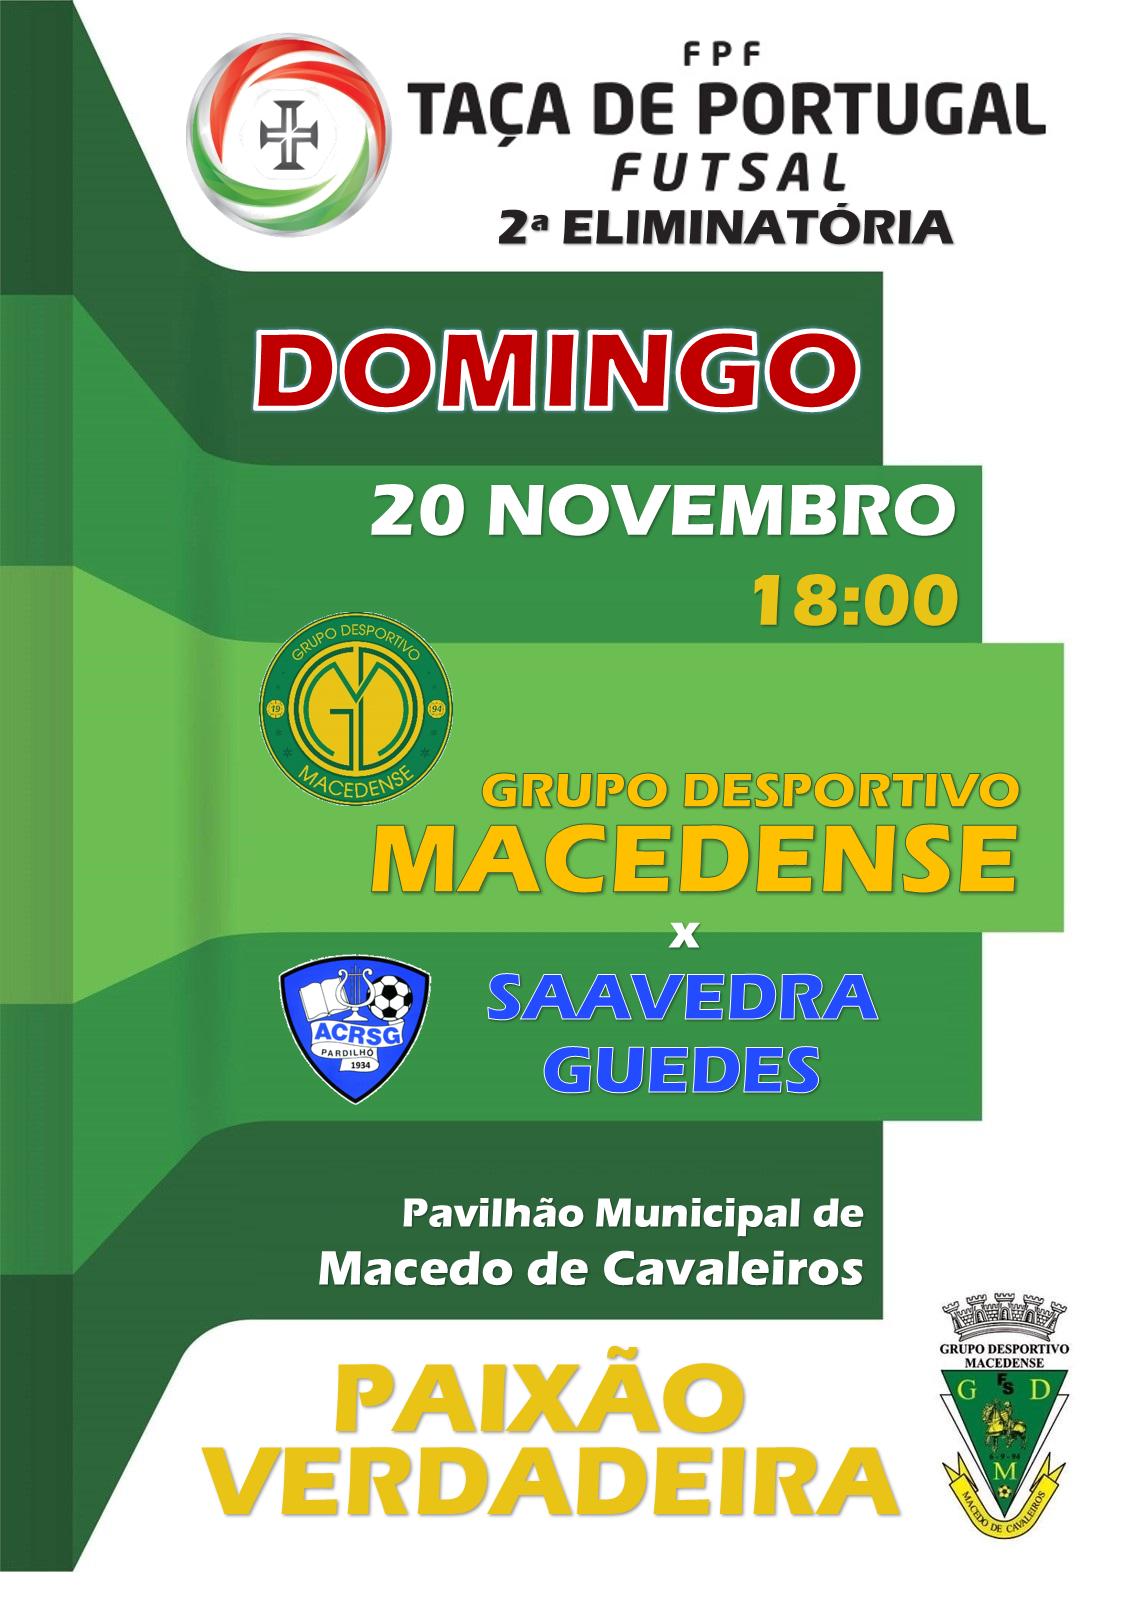 Transmissão em direto: GDM X Saavedra Guedes às 18h